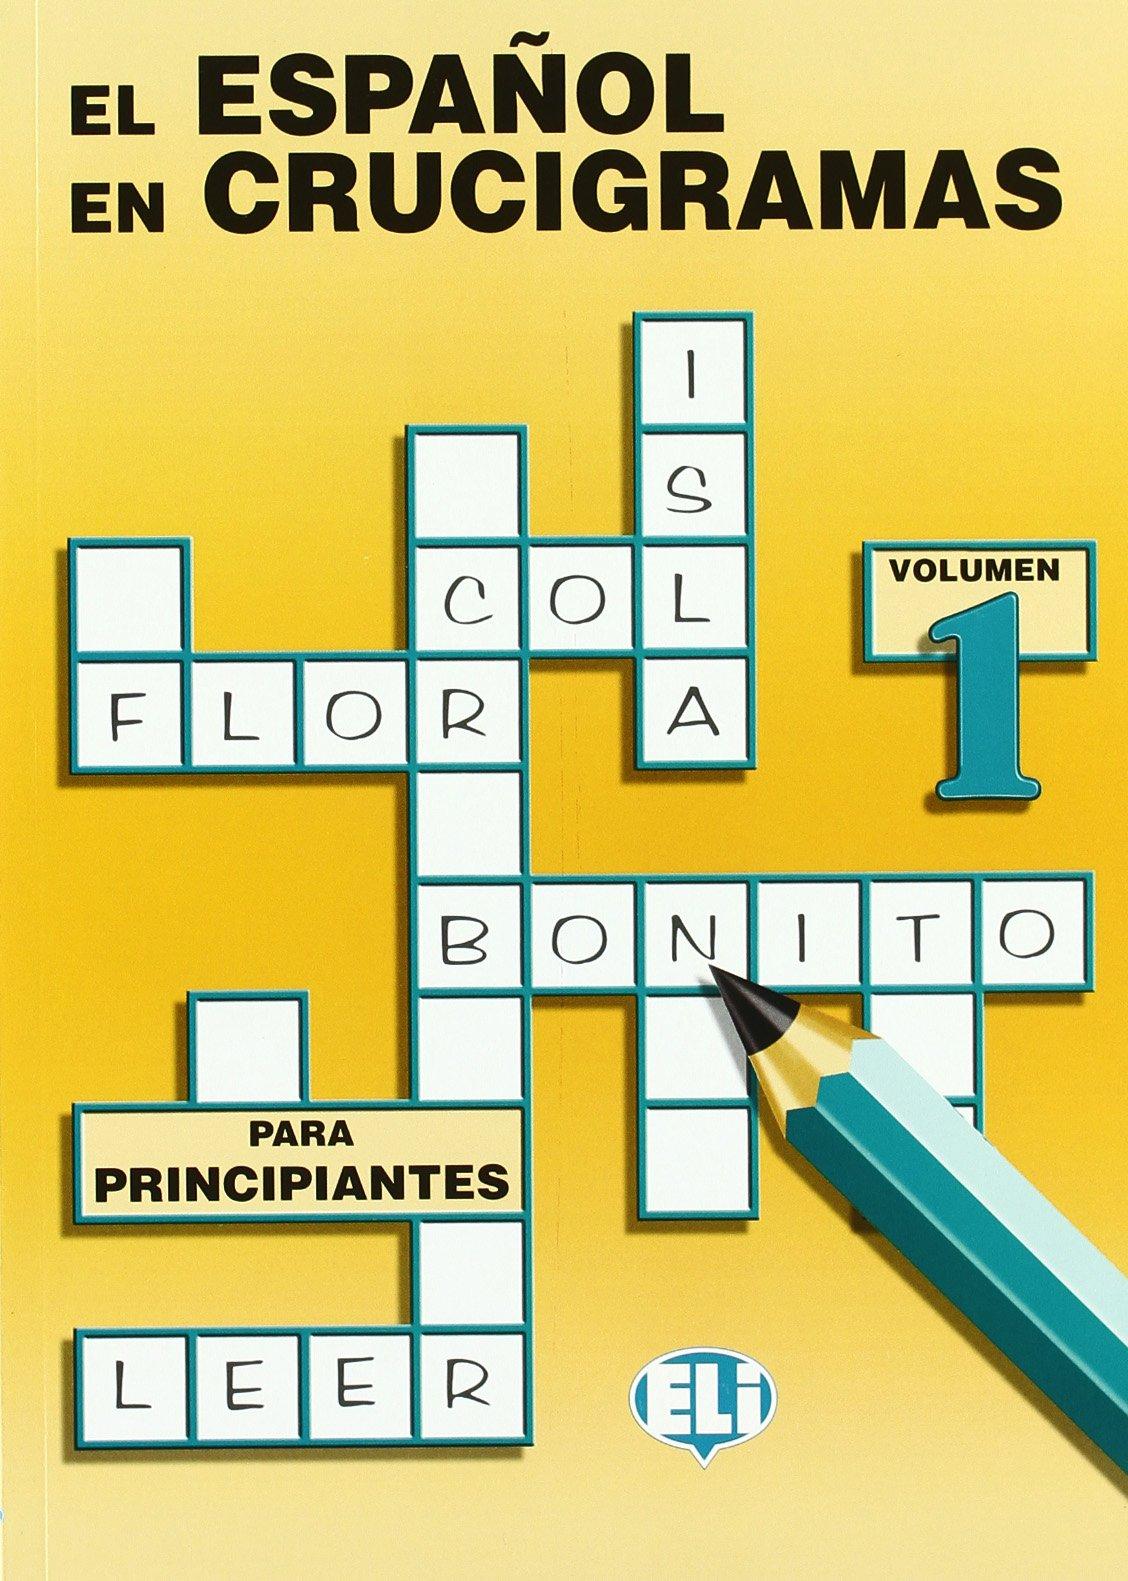 El Espanol En Crucigramas (Crossword Puzzle Book 1)